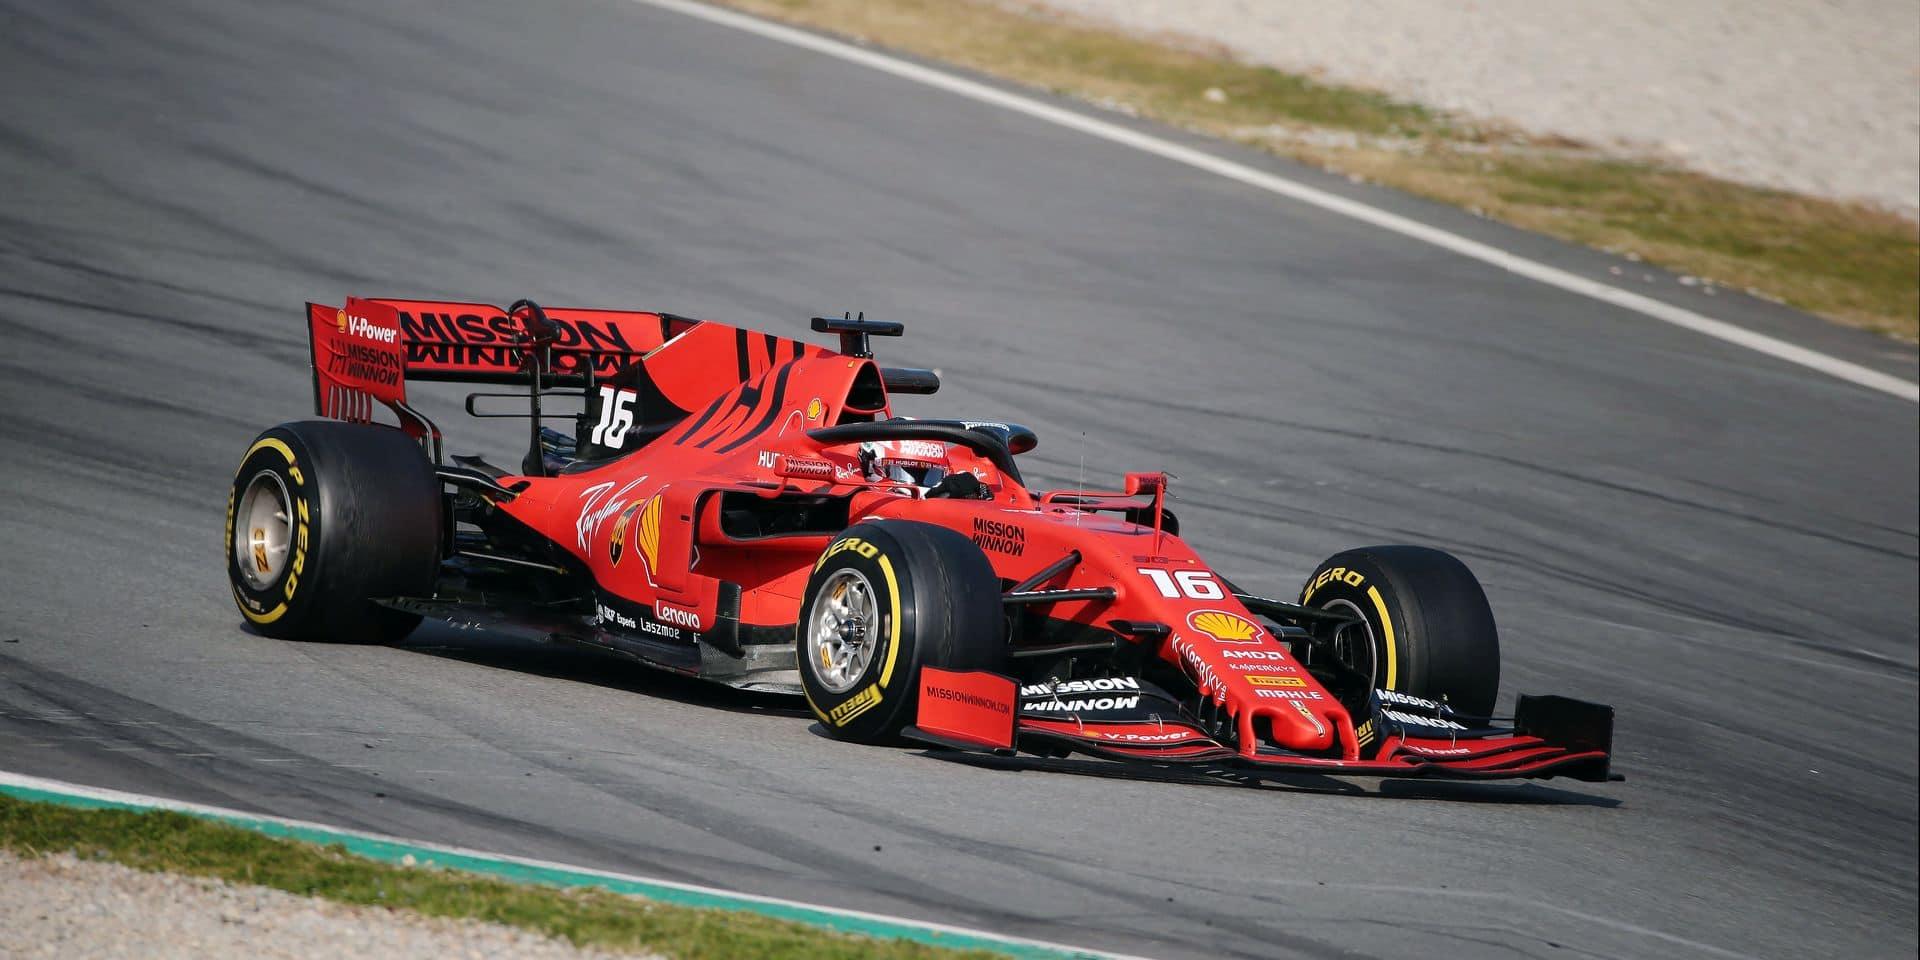 Formule 1, tout ce qui change en 2019